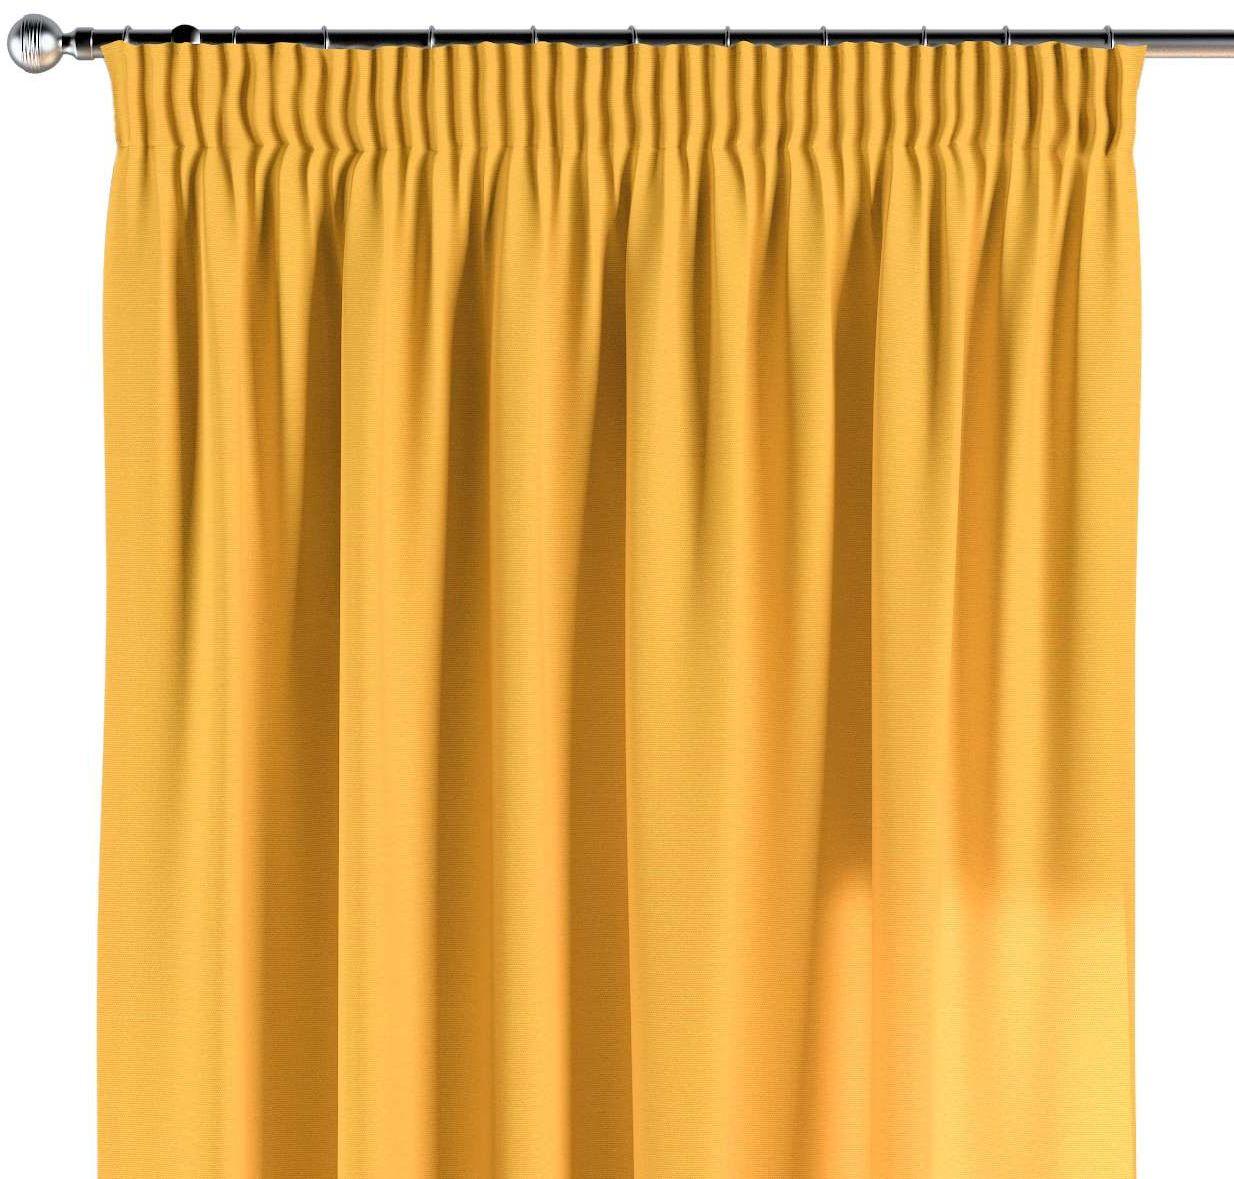 Zasłona na taśmie marszczącej 1 szt., żółty, 1szt 130  260 cm, Loneta